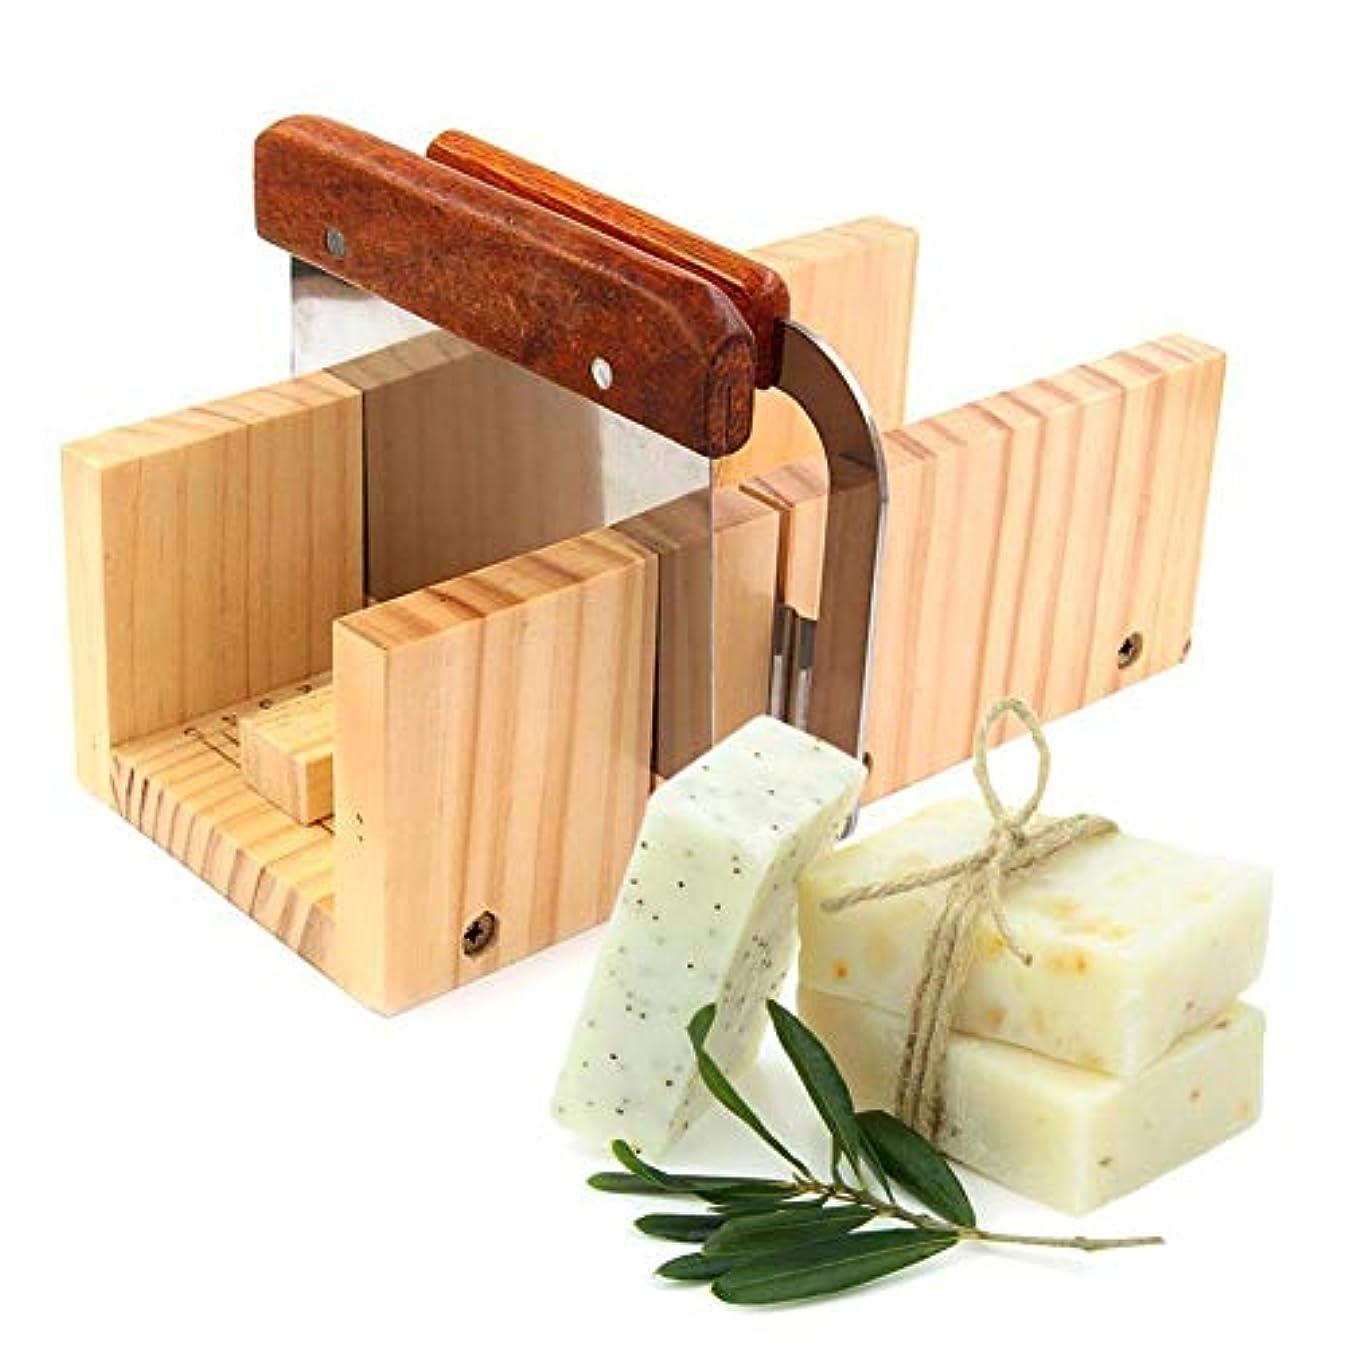 明快コーヒー謙虚なRagem ソープカッター 手作り石鹸金型 木製 ローフカッターボックス 調整可能 多機能ソープ切削工具 ストレートプレーニングツール